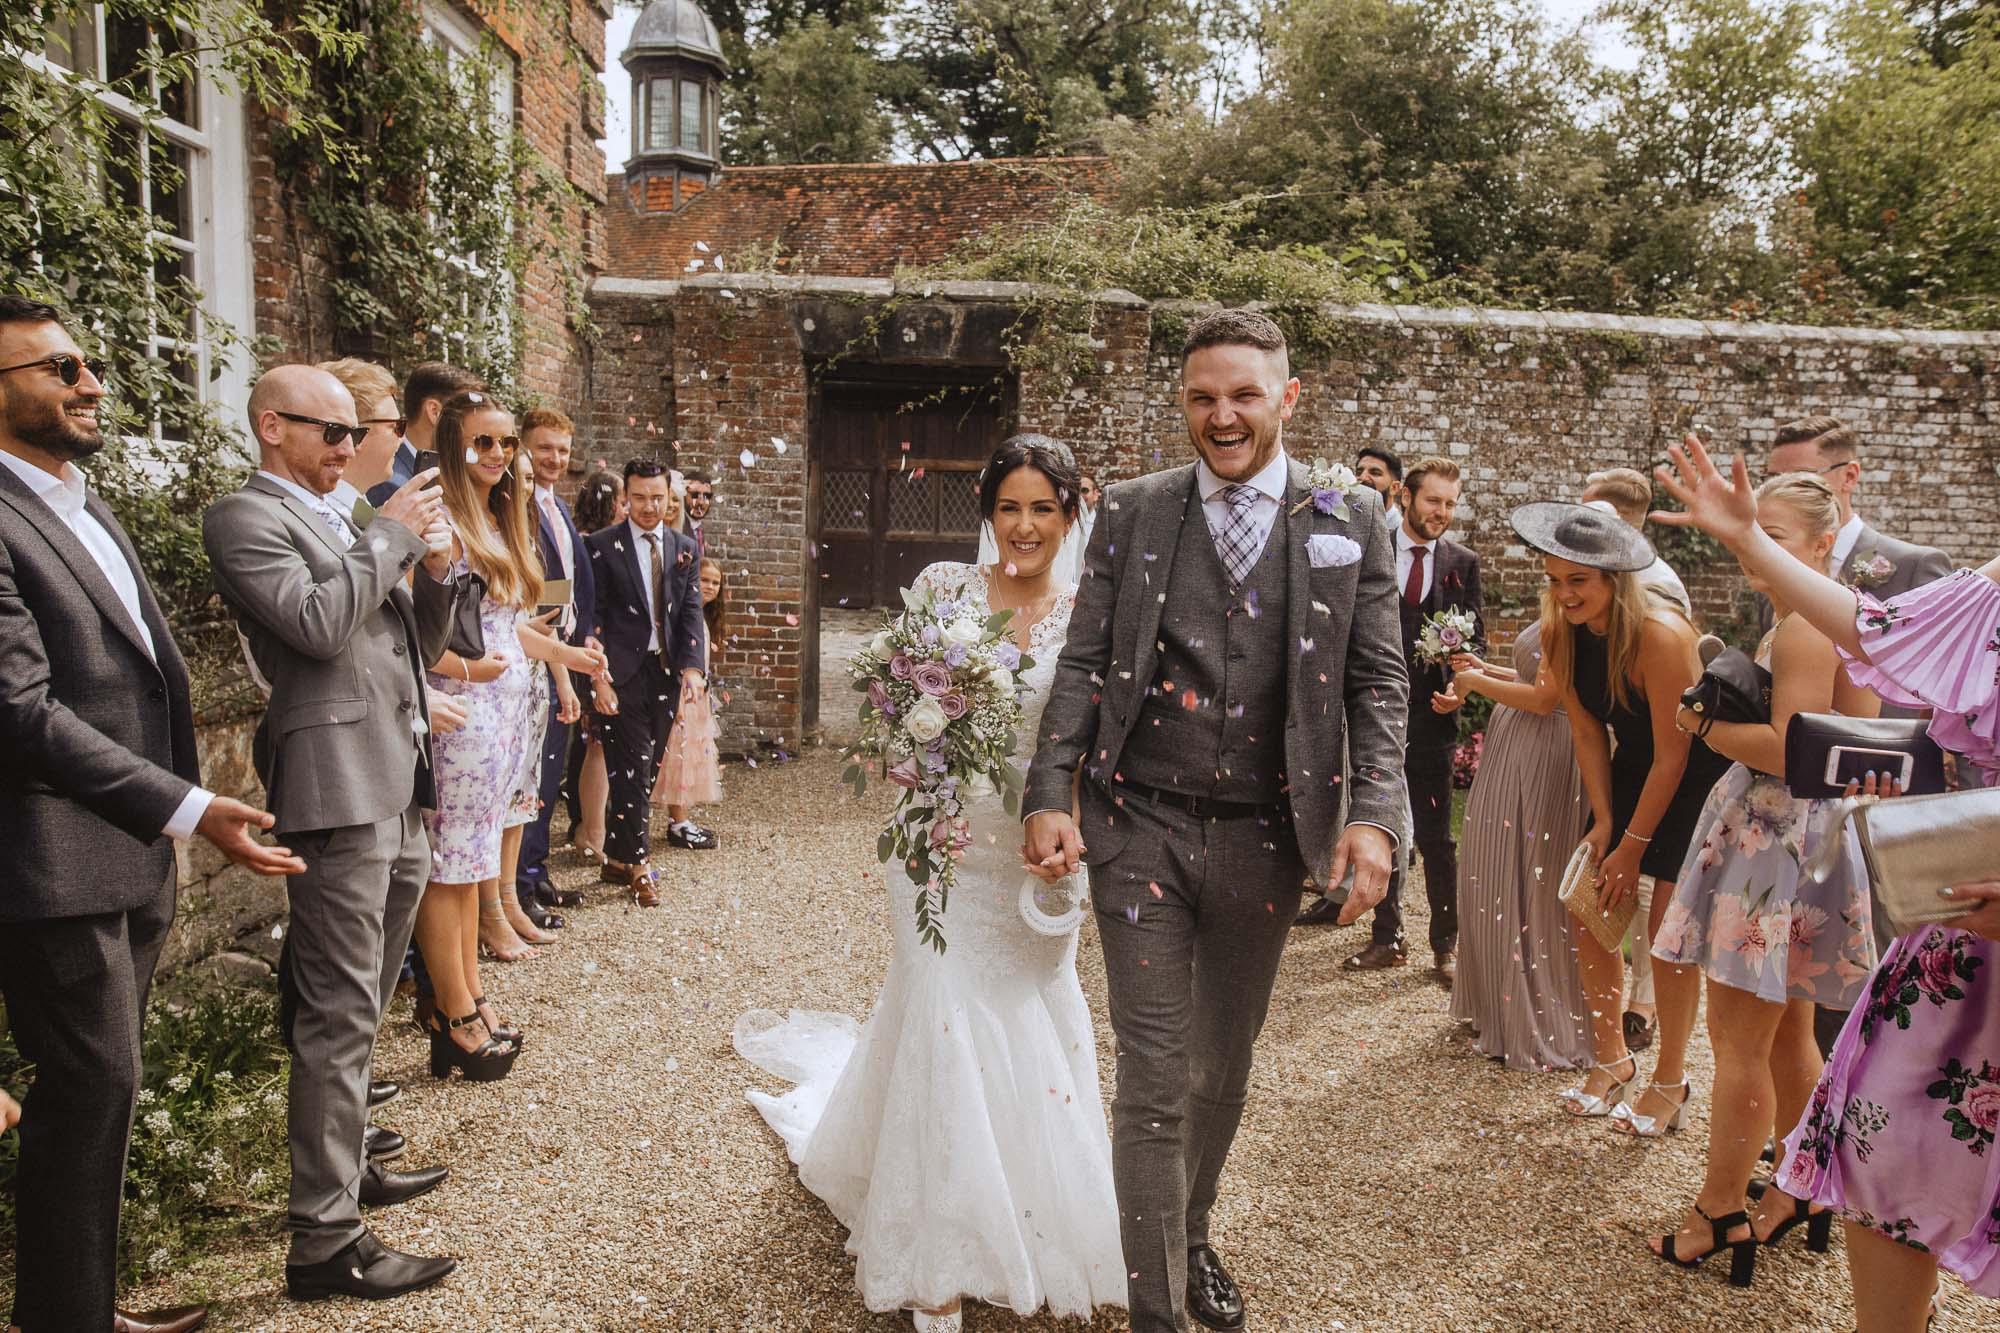 Groombridge-place-wedding-photography-42.jpg